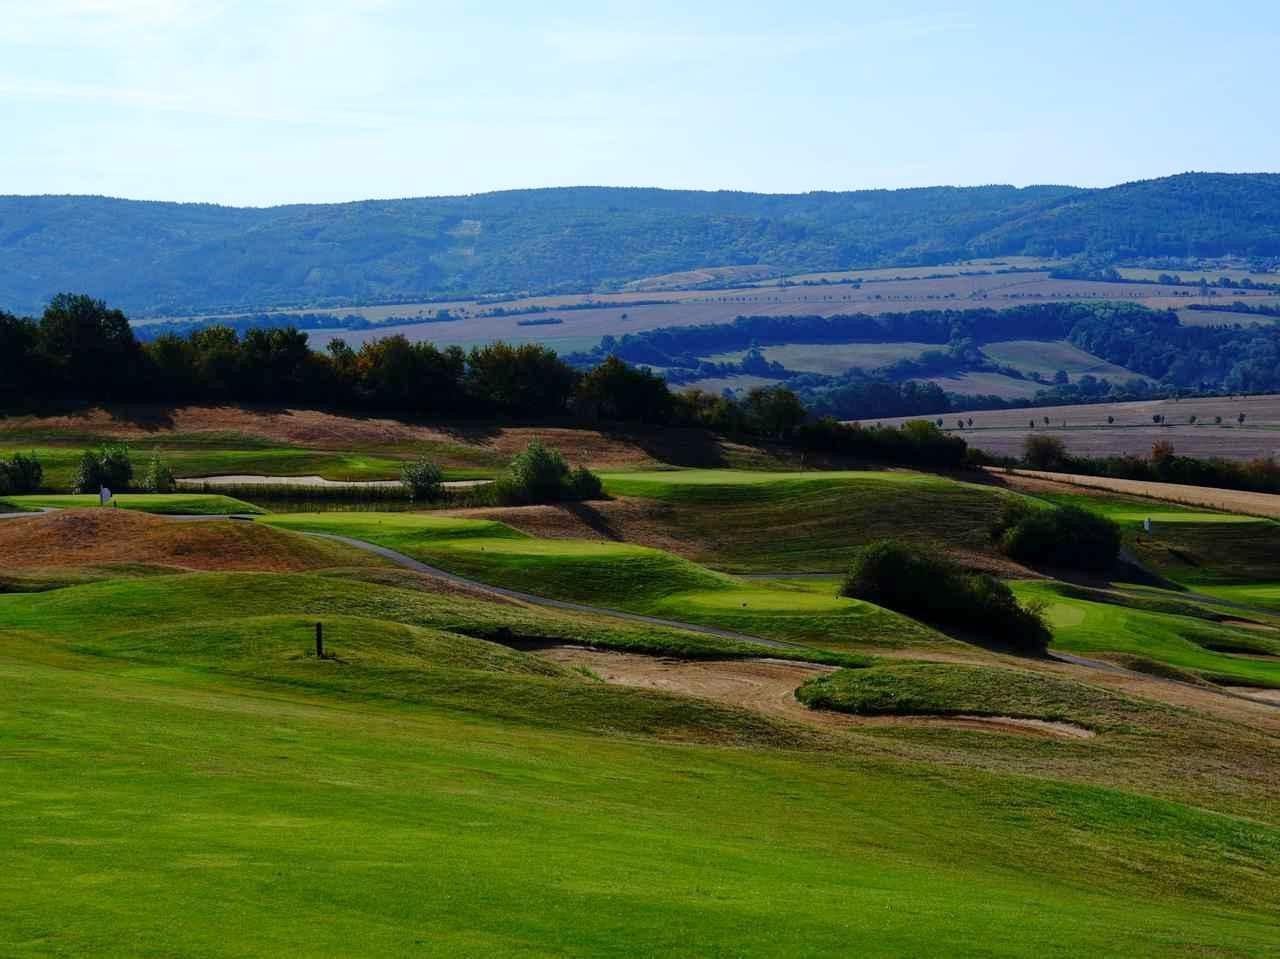 画像: 【欧州・チェコ】中欧の宝石箱「プラハ」で見つけたゴルフの楽園。プラハ6日間 2ラウンド - ゴルフへ行こうWEB by ゴルフダイジェスト